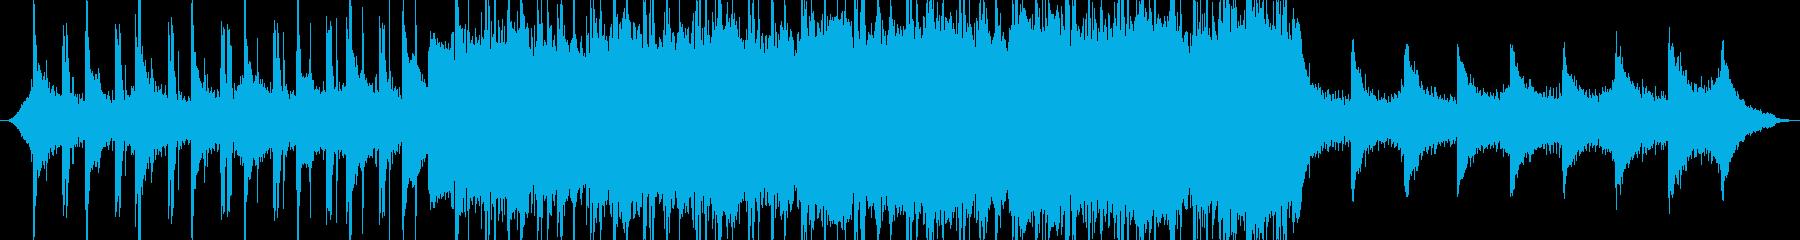 テクノロジーミュージックの再生済みの波形